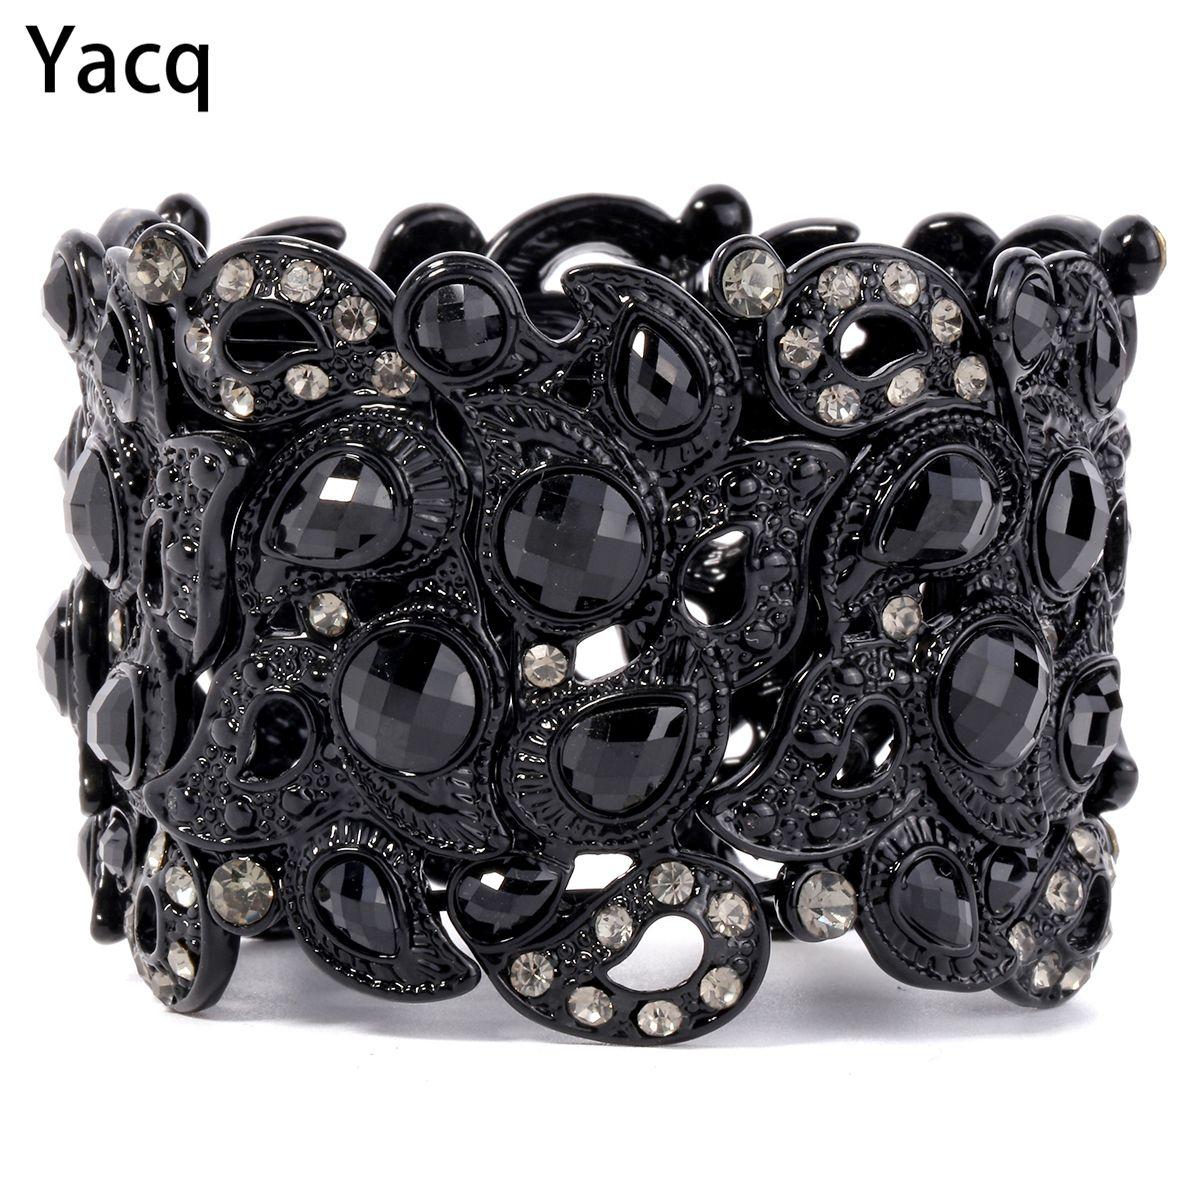 YACQ Bracelet extensible Vintage fleur cristal femmes bijoux de mode cadeaux B10 livraison directe en gros noir or couleur argent